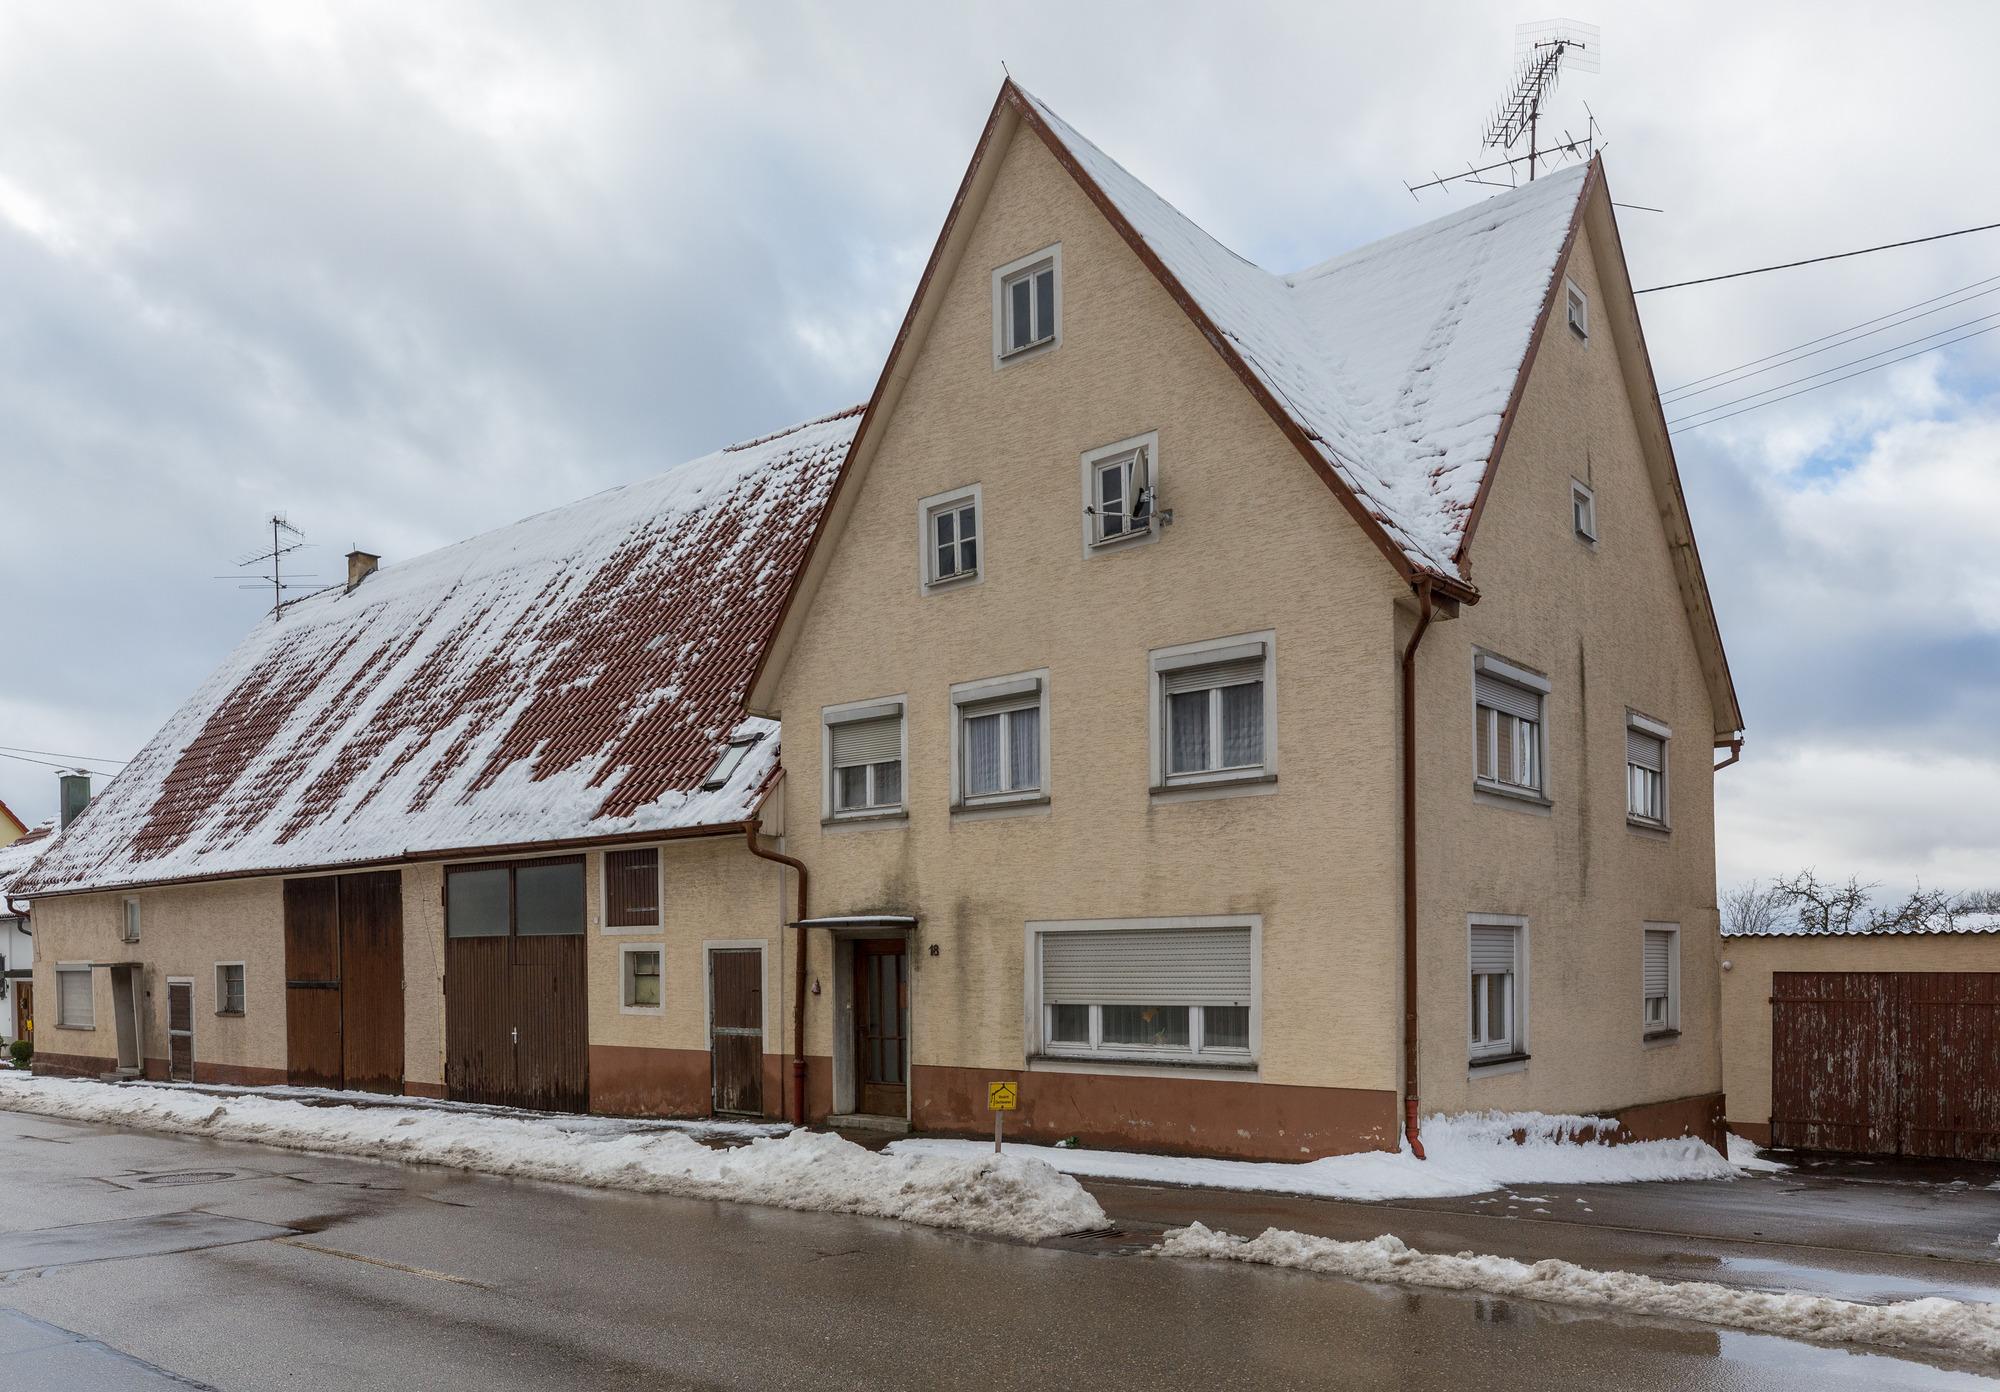 Tolle Verkabelung In Häusern Bilder - Die Besten Elektrischen ...